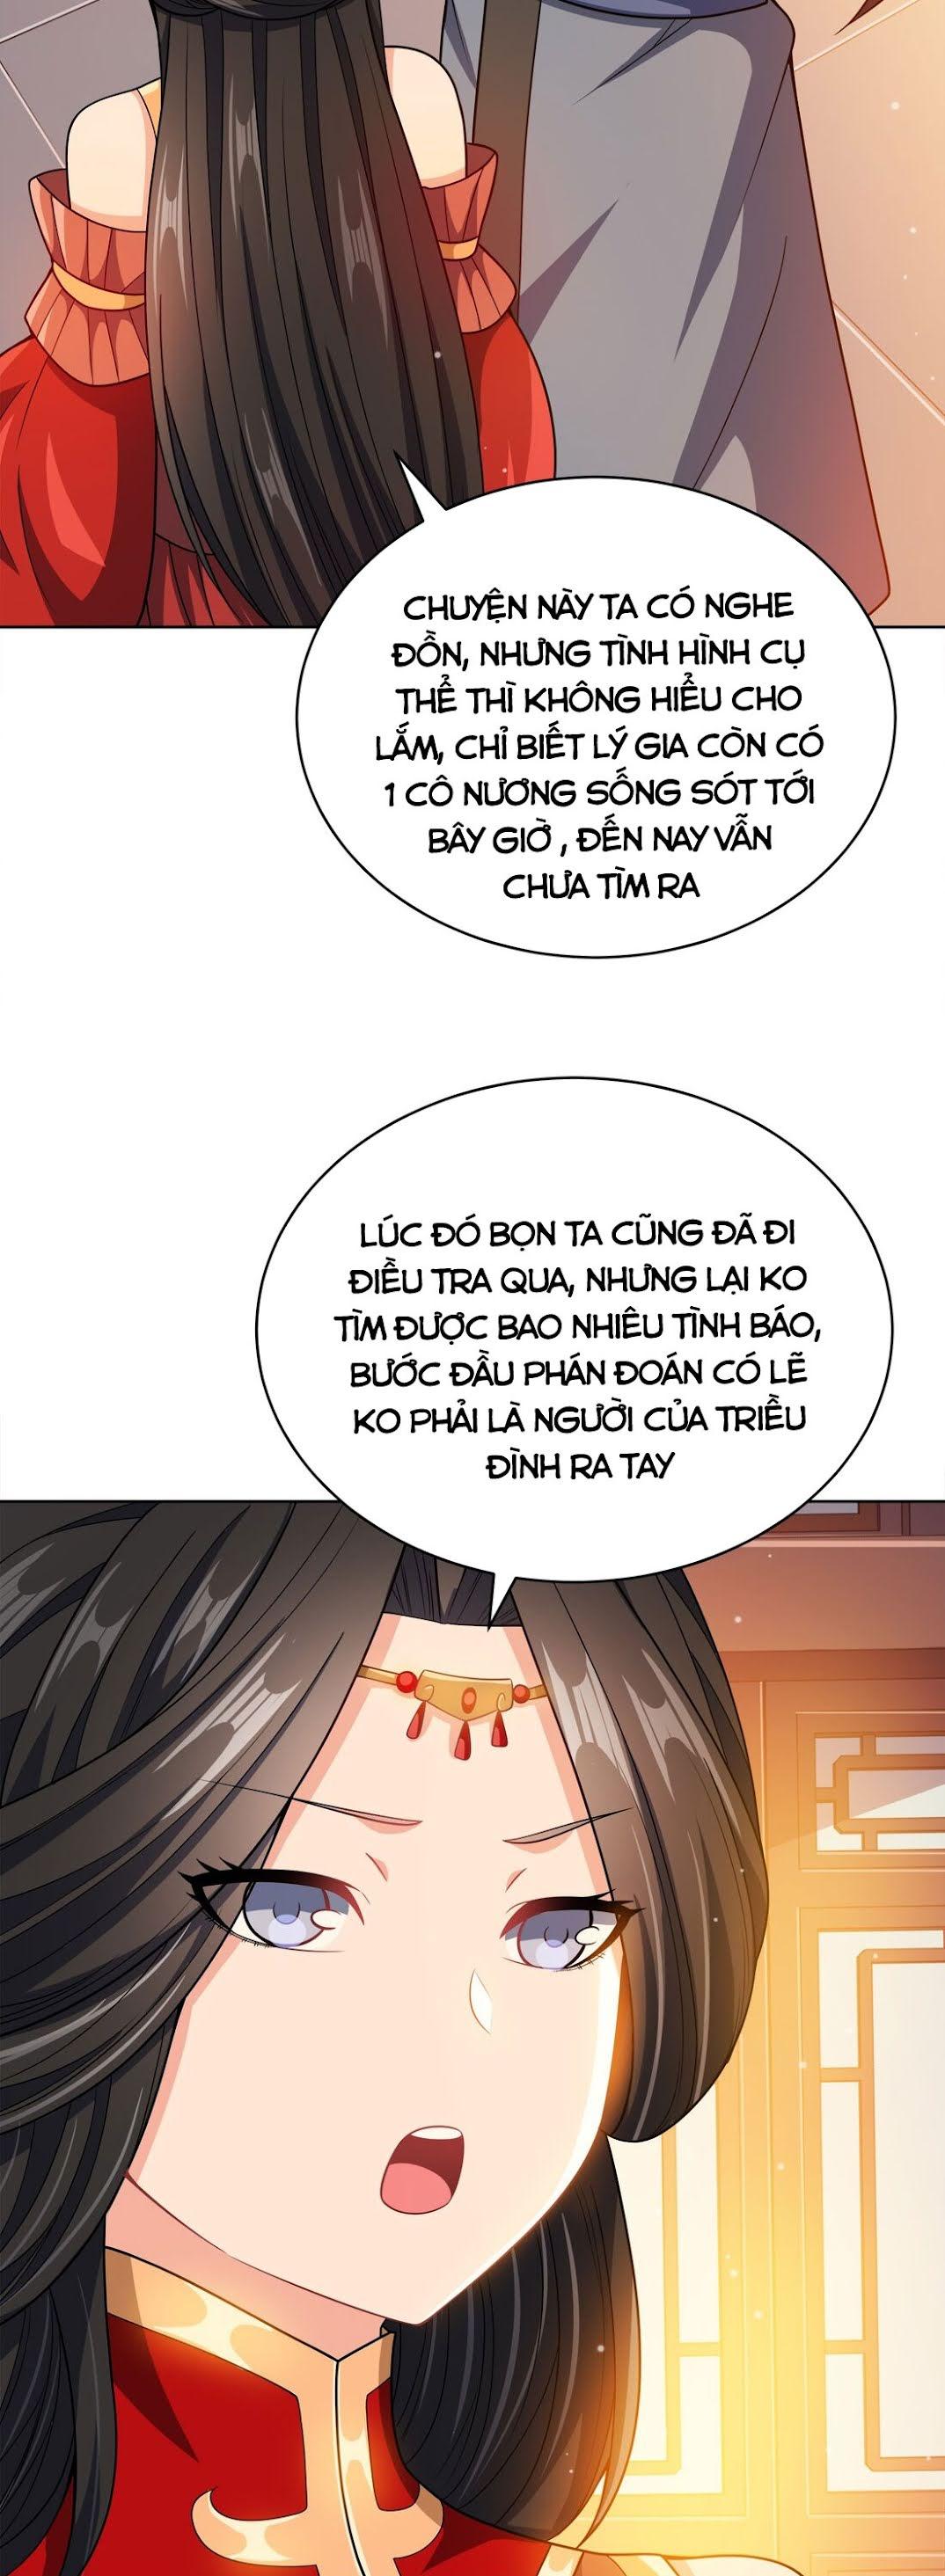 Nương Tử Nhà Ta Là Nữ Đế Chapter 31 - Trang 19